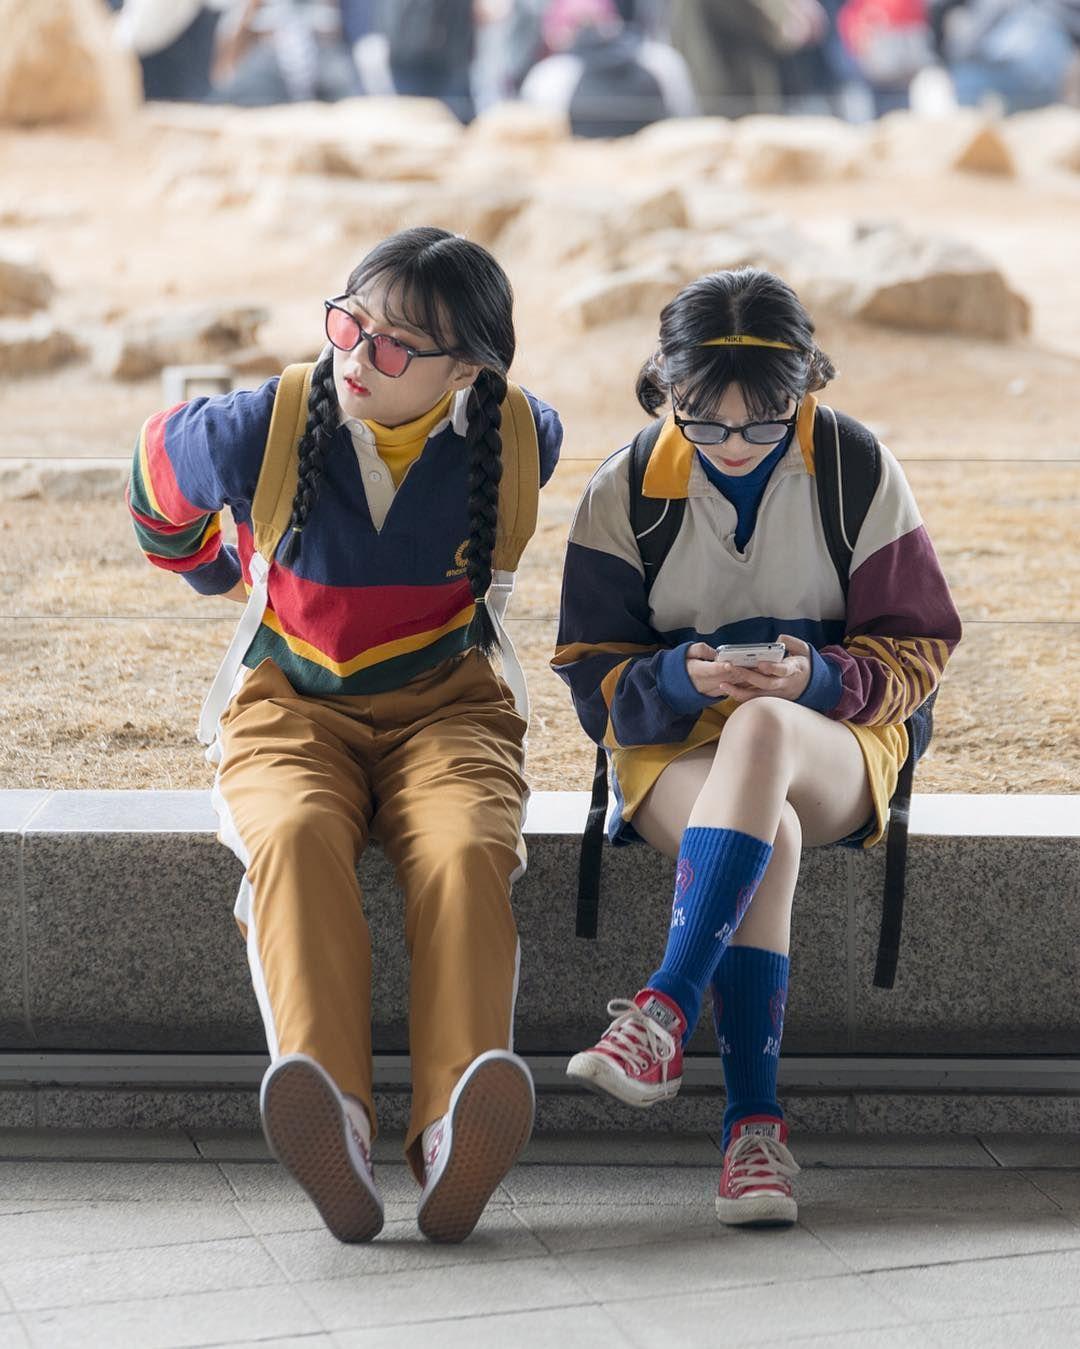 . #출사 #사진 #dslr #스냅 #니콘 #photo  #camera #nikon #소통 #캔디드 #candid #seoulfashionweek #fashionweek #sfw #서울패션위크 #패션위크 #스트릿 #스타일  #옷 #패션 #ddp #동대문디지털프라자 #fashion  #style #street #맞팔 #좋아요 #f4f by k_h_road